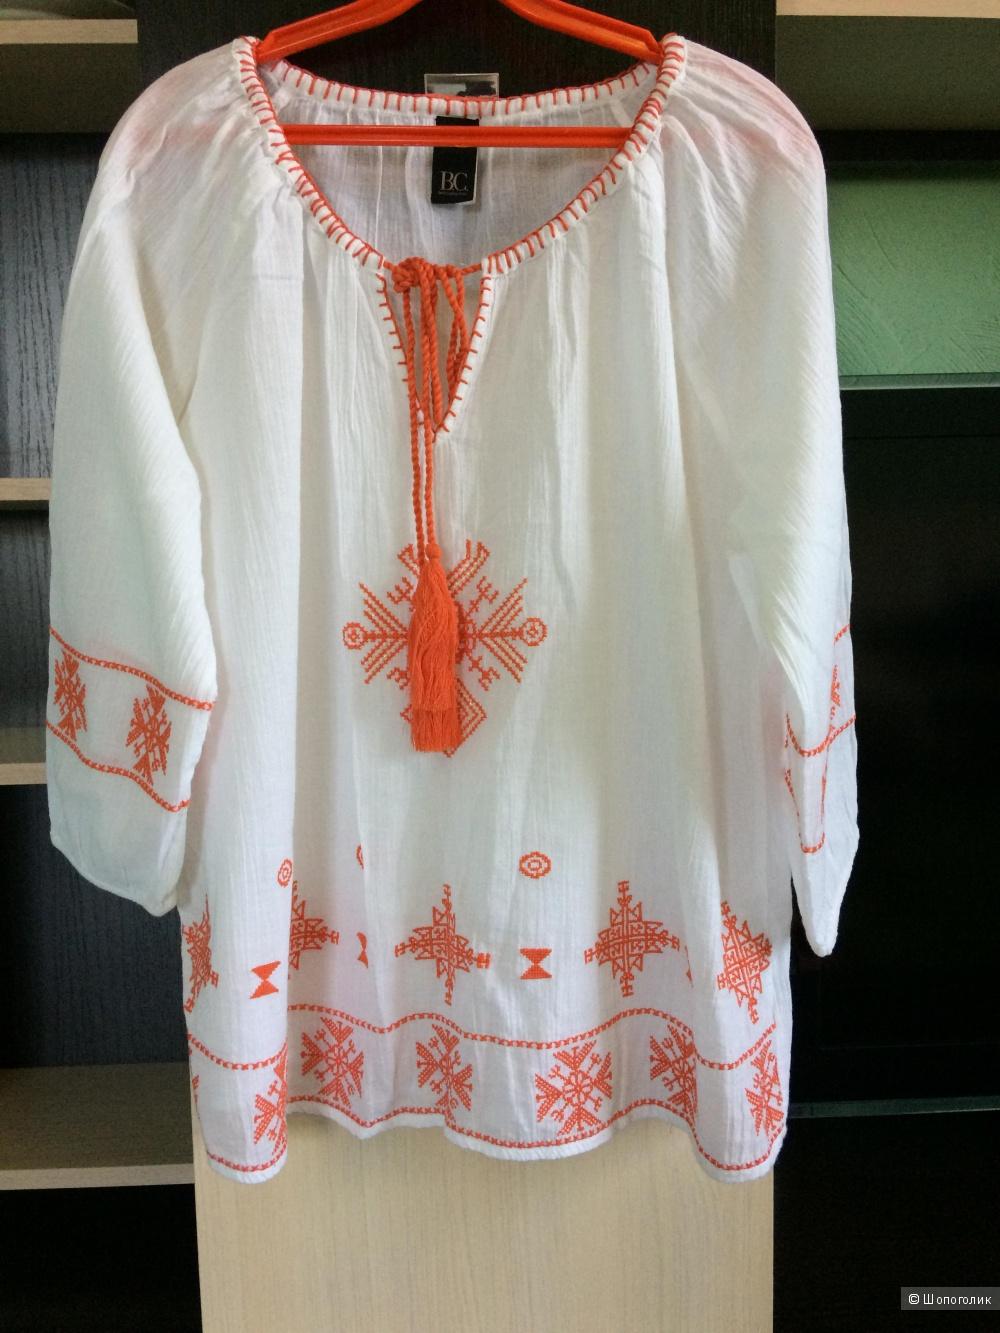 Хлопковая блузка от Best Connections 48-50 размер